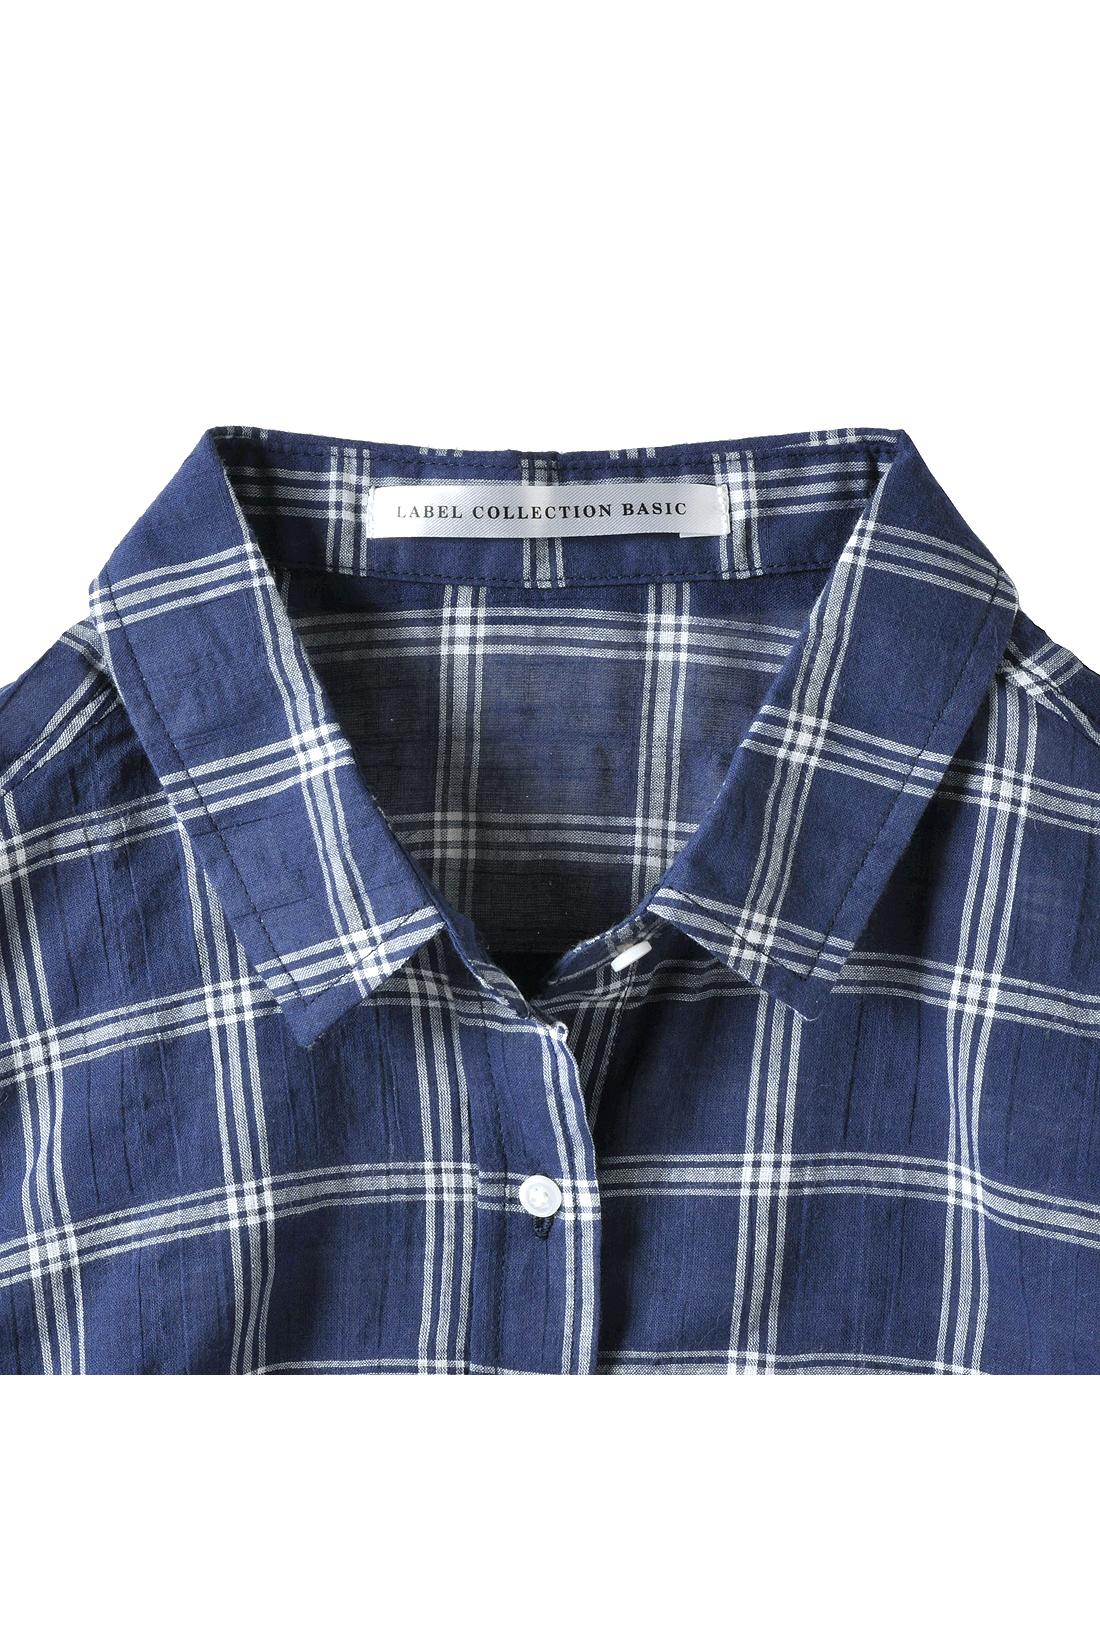 ボタンを開けてもきれいに決まる小さめ衿。